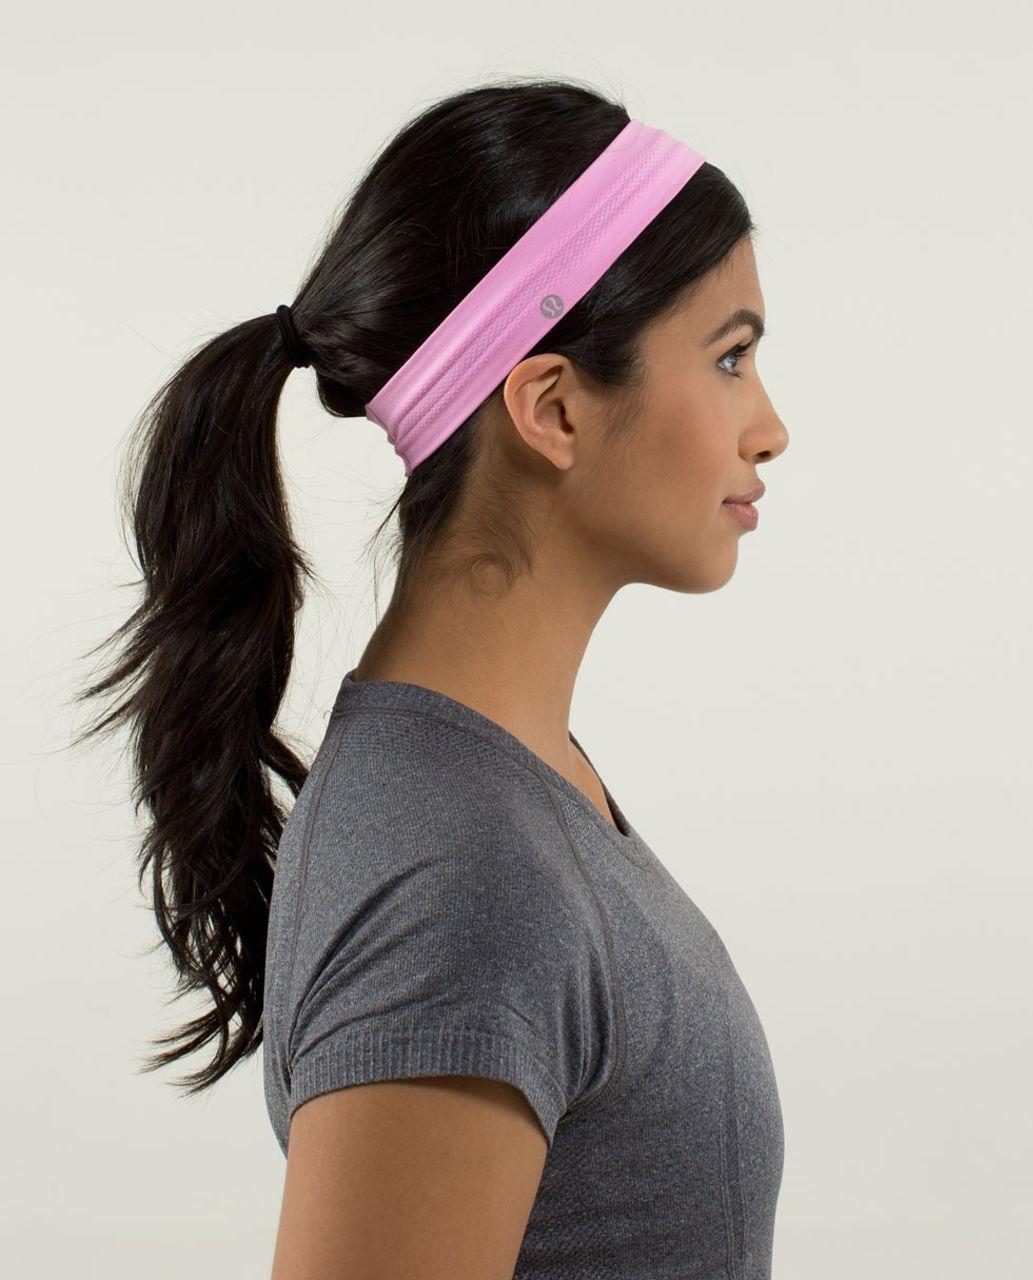 Lululemon Swiftly Headband - Heathered Vintage Pink